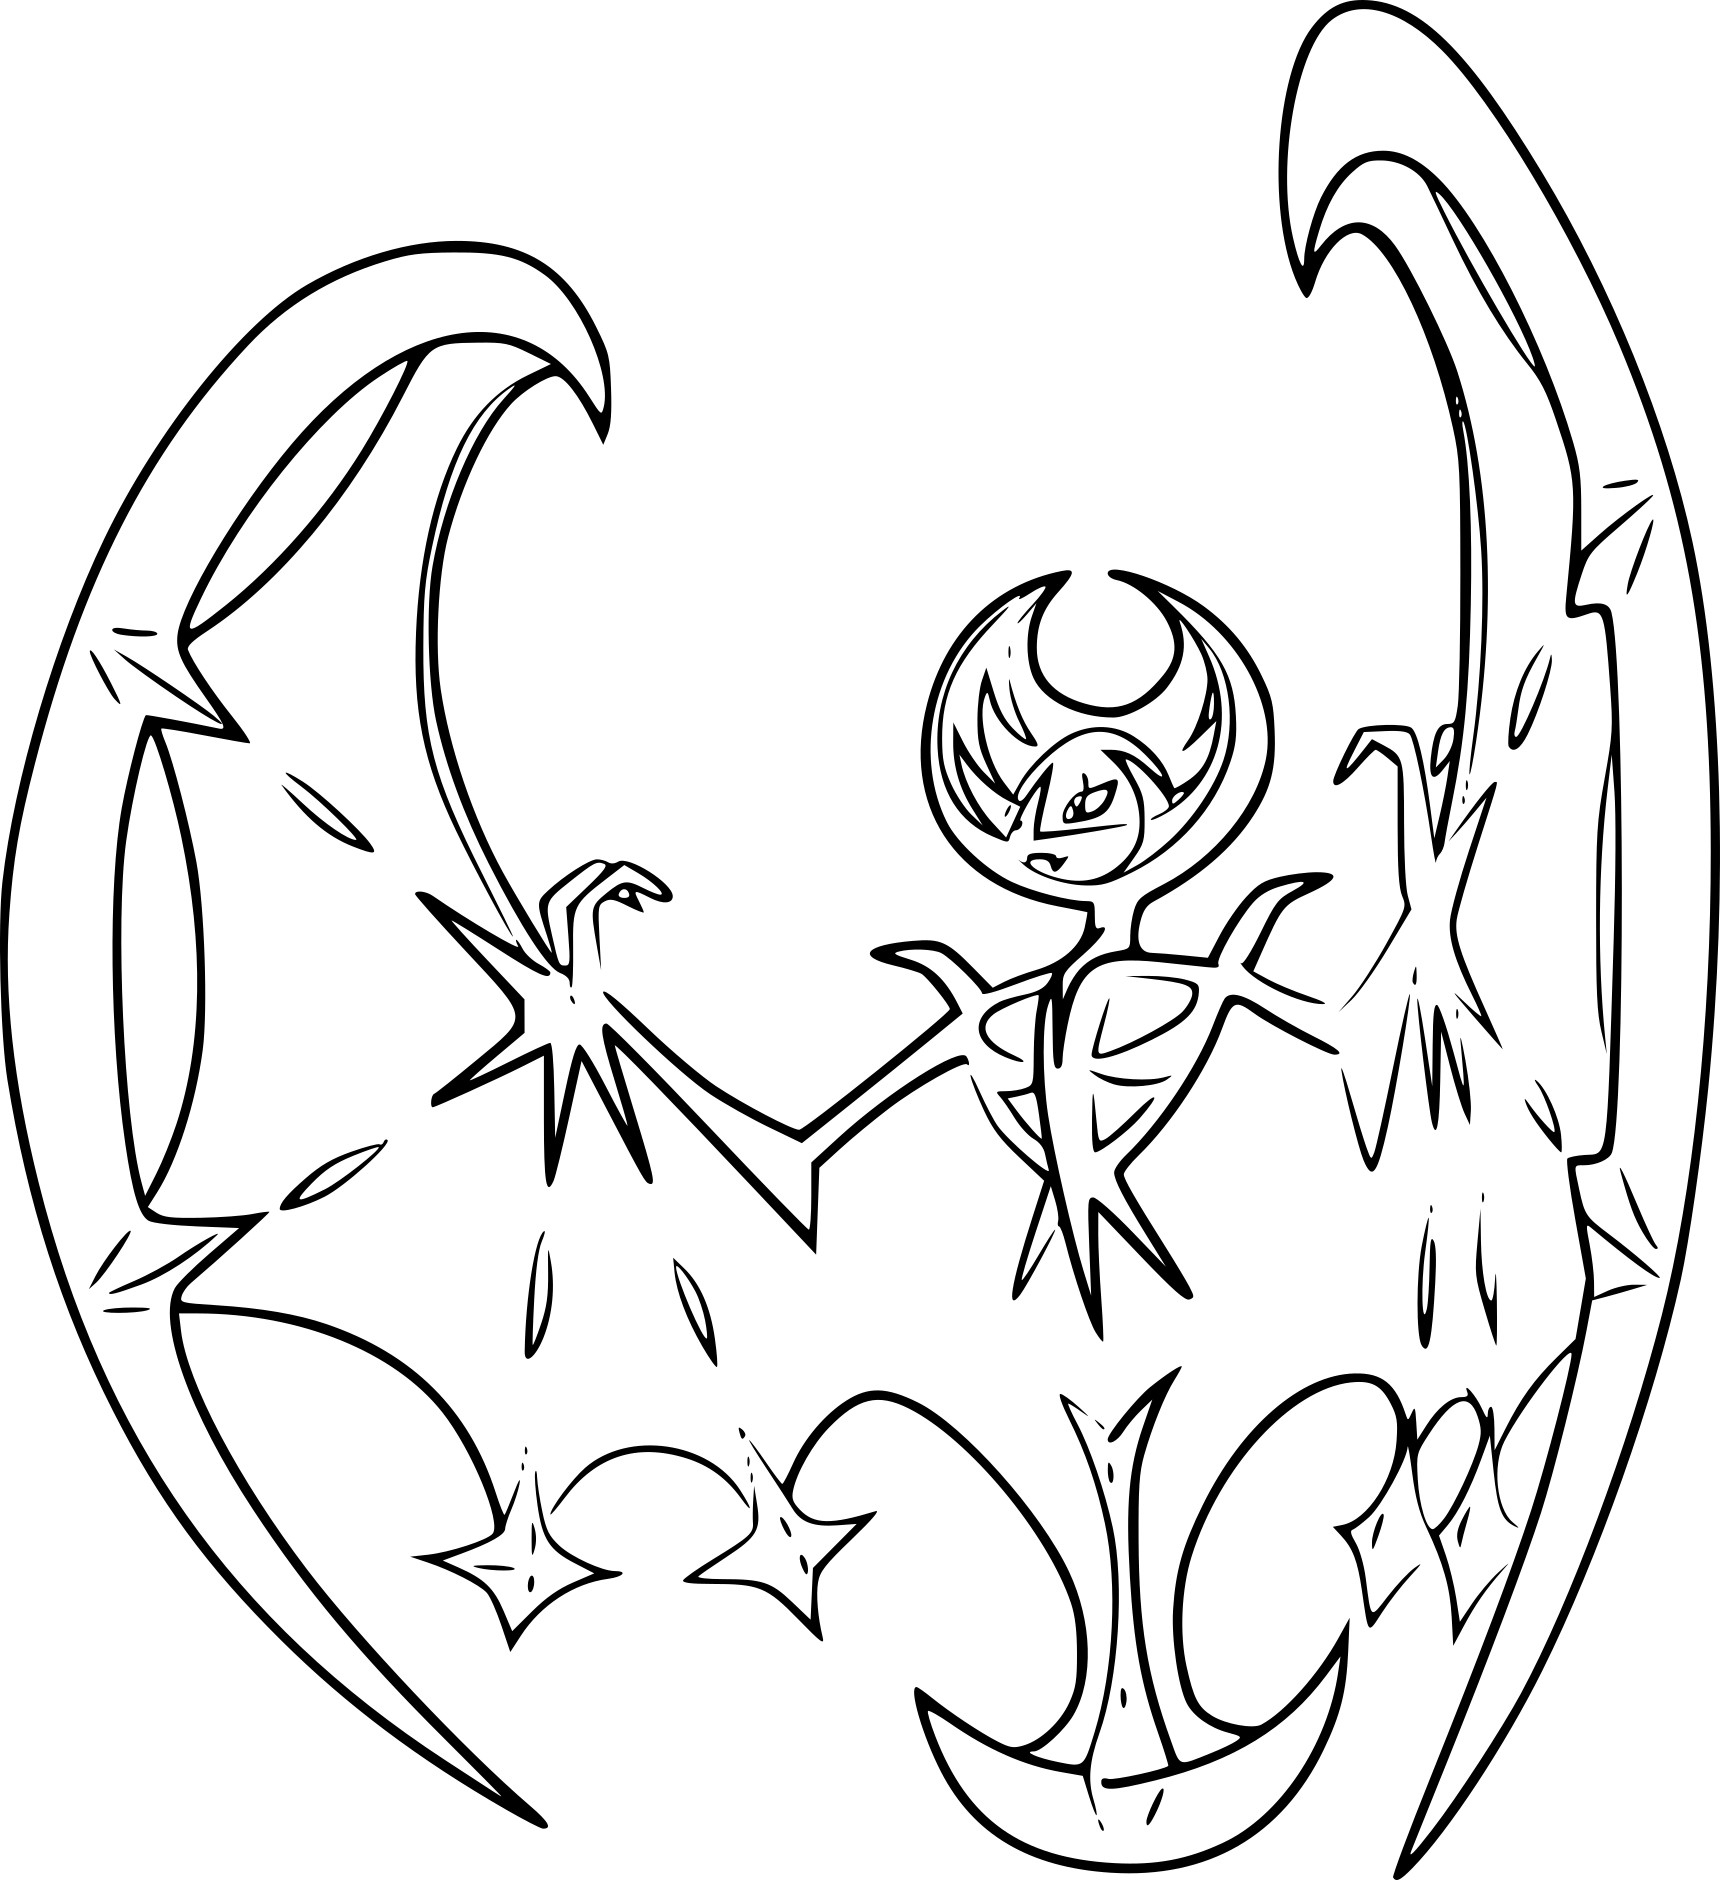 Coloriage Lunala Pokemon Légendaire À Imprimer serapportantà Coloriage De Pokemon A Imprimer